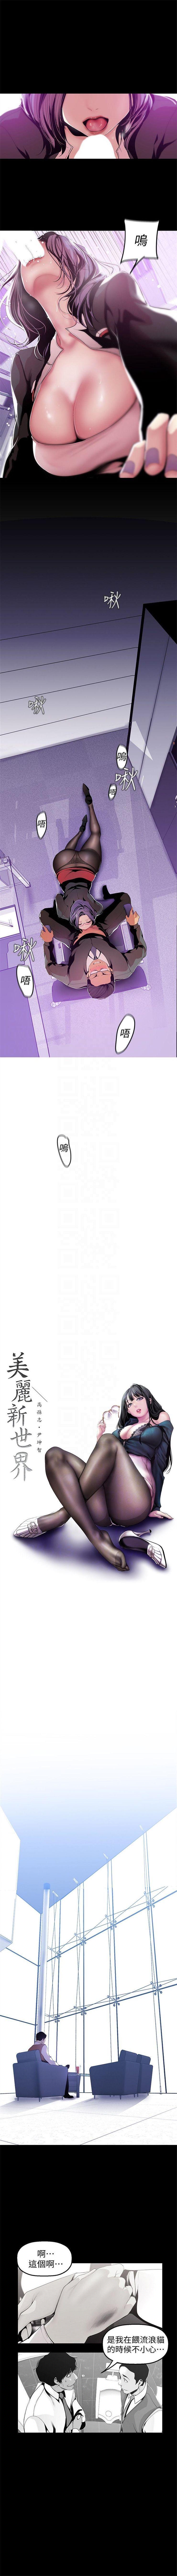 (週1)美麗新世界 1-70 中文翻譯 (更新中) 342